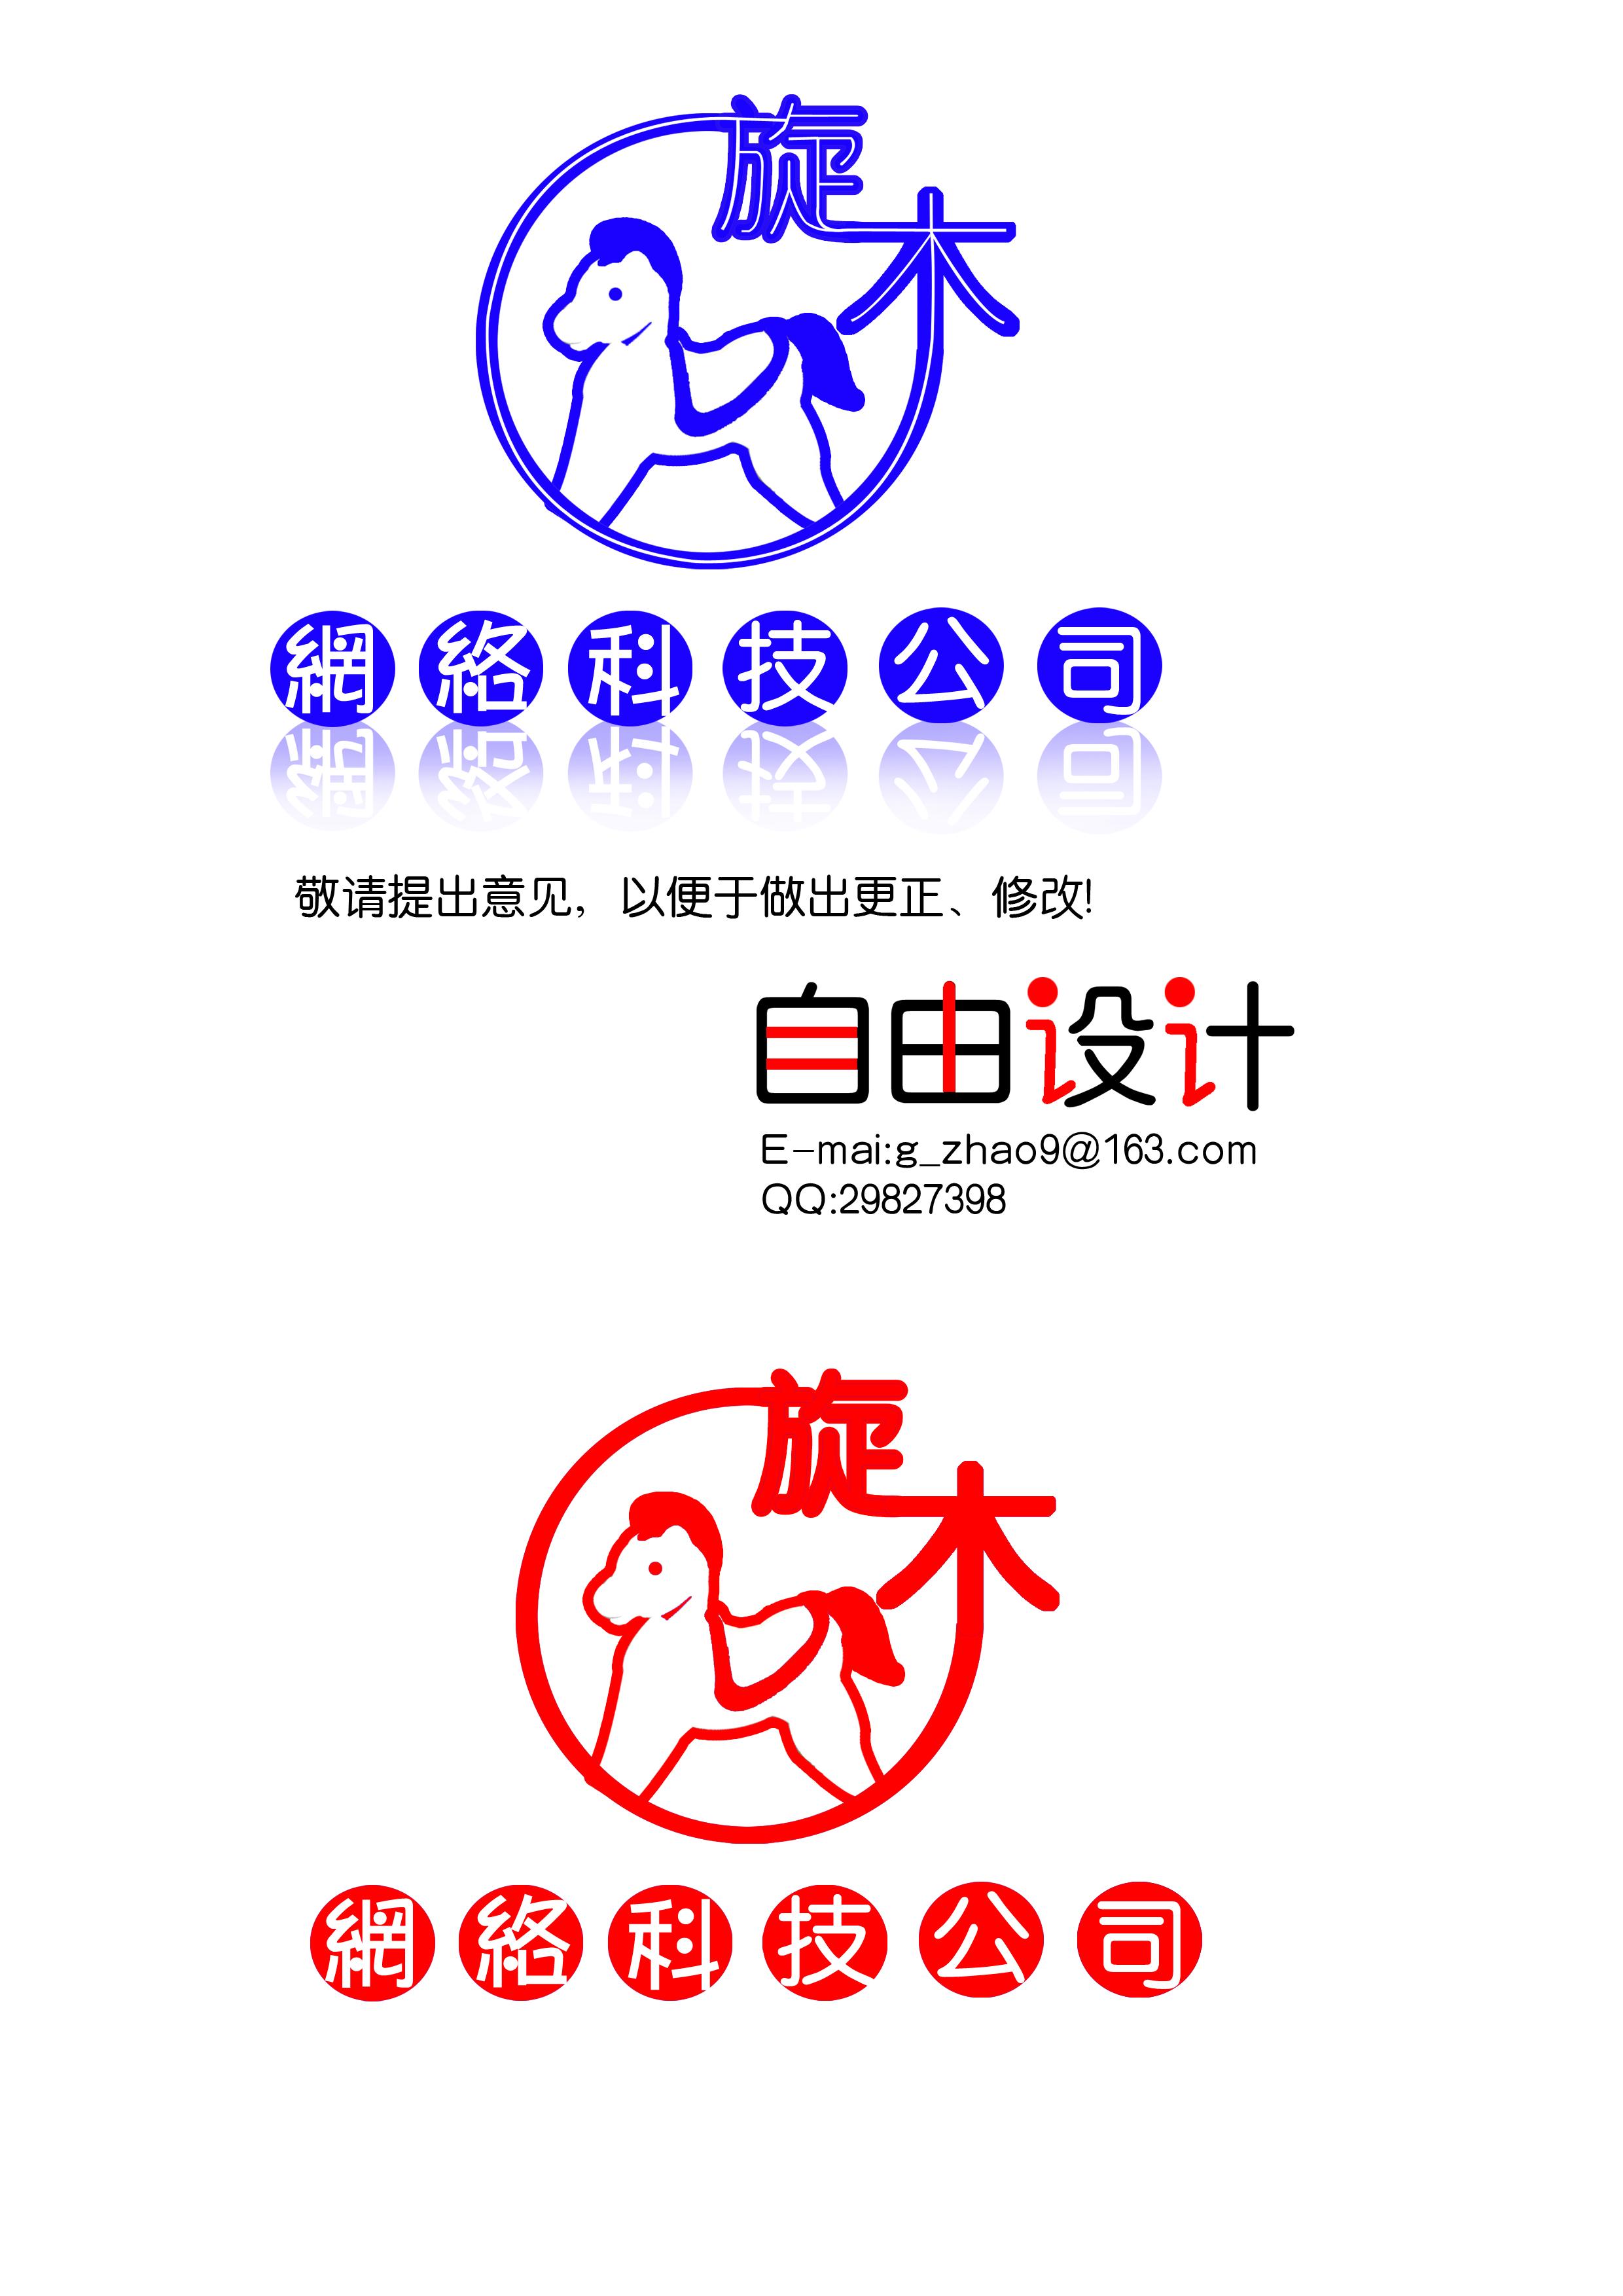 网络科技公司logo设计图片展示